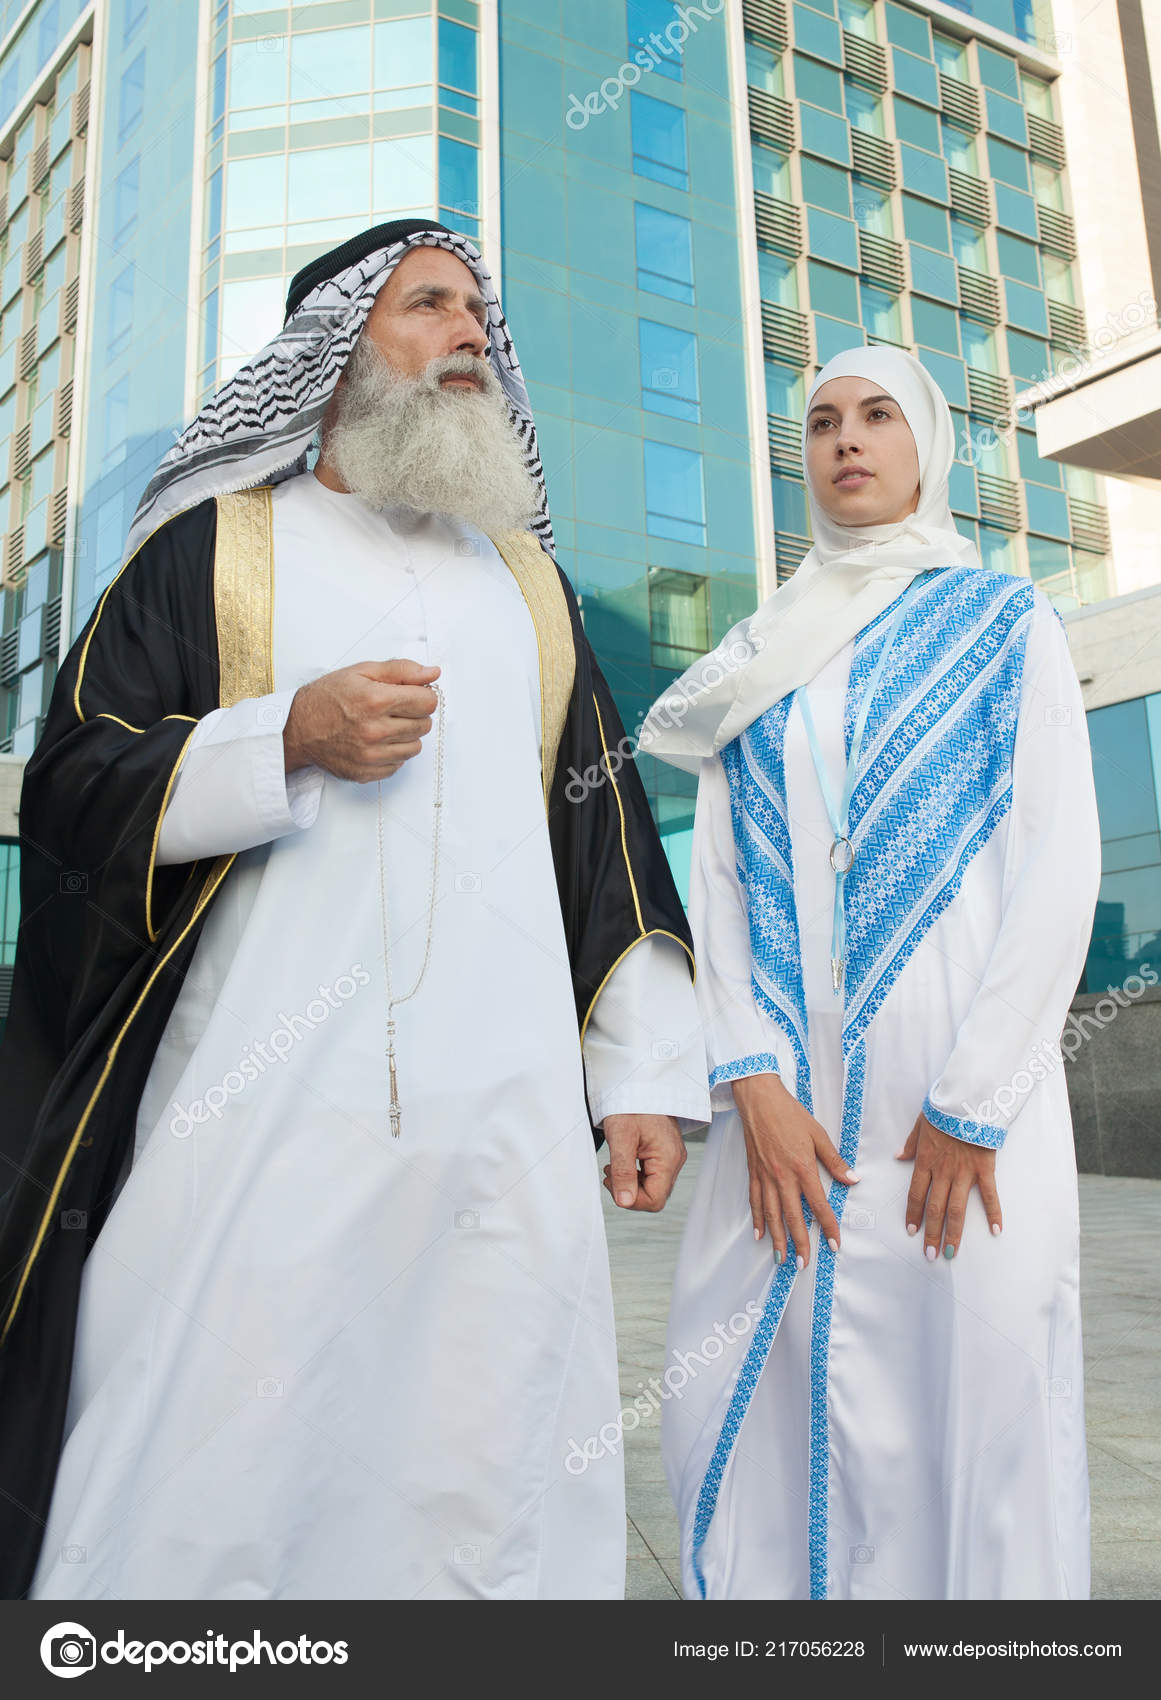 arabisk religion på datingdating site marinesoldater